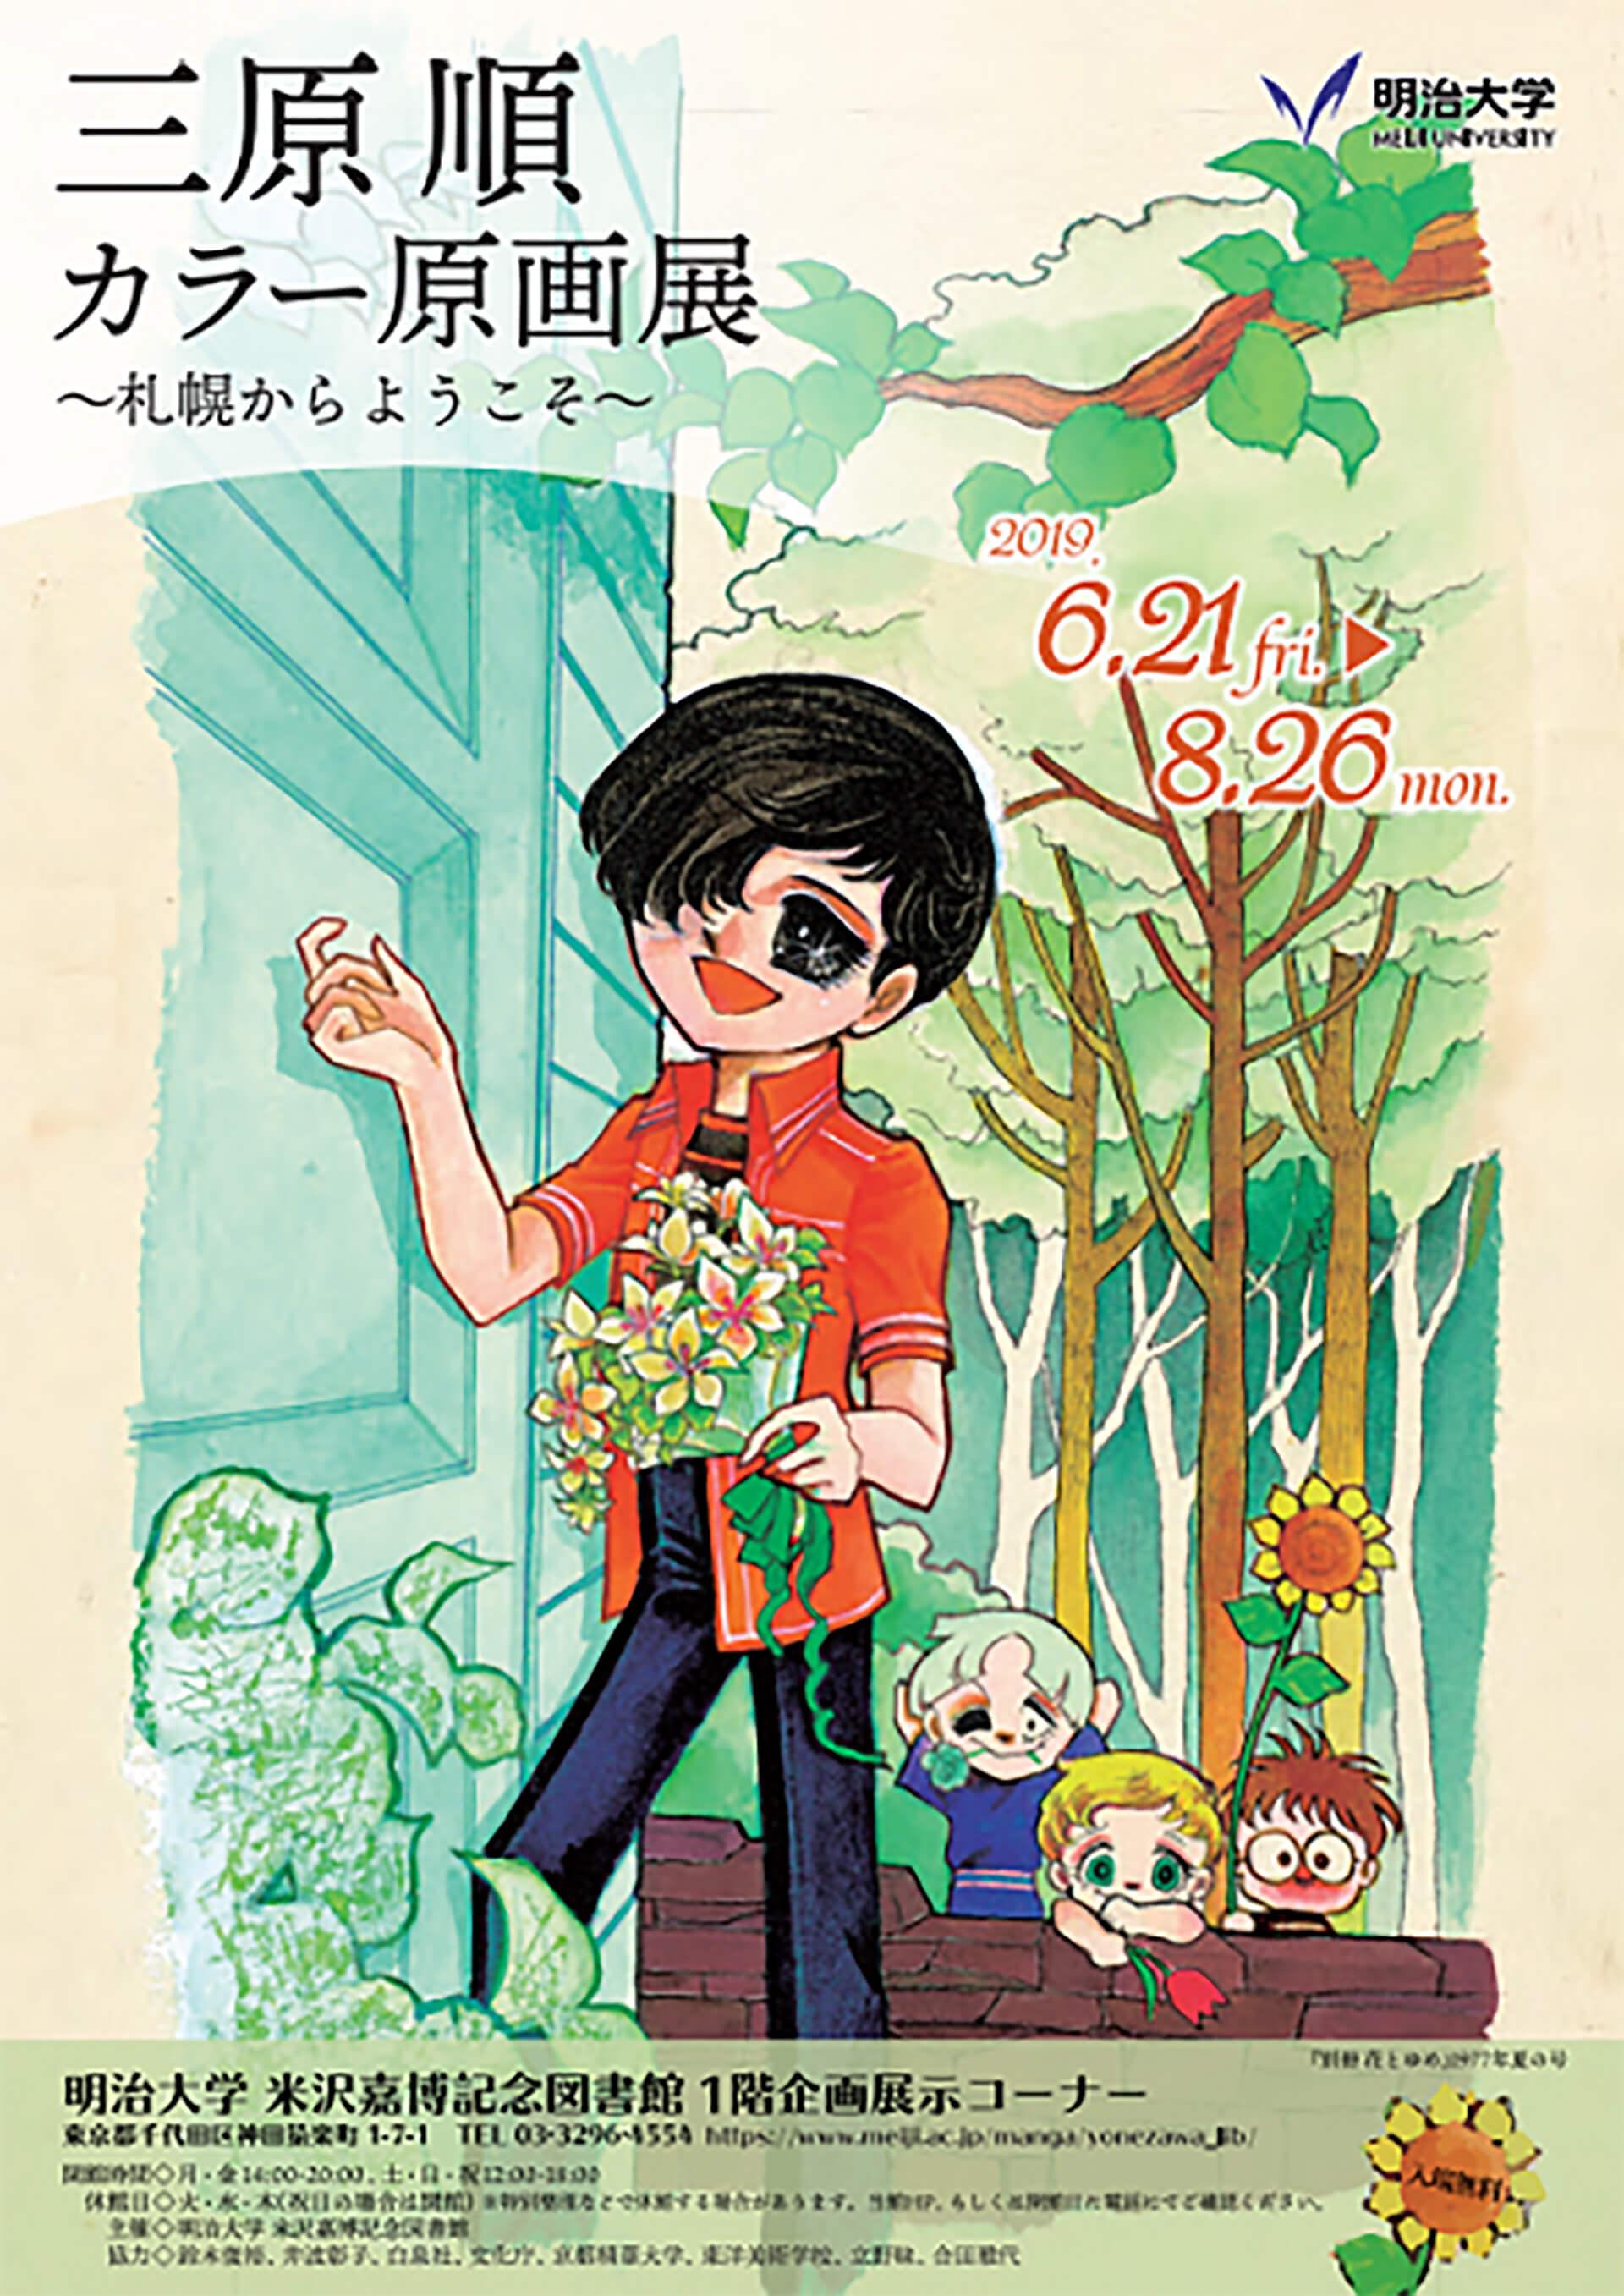 この写真は三原順カラー原画展の告知ポスターです